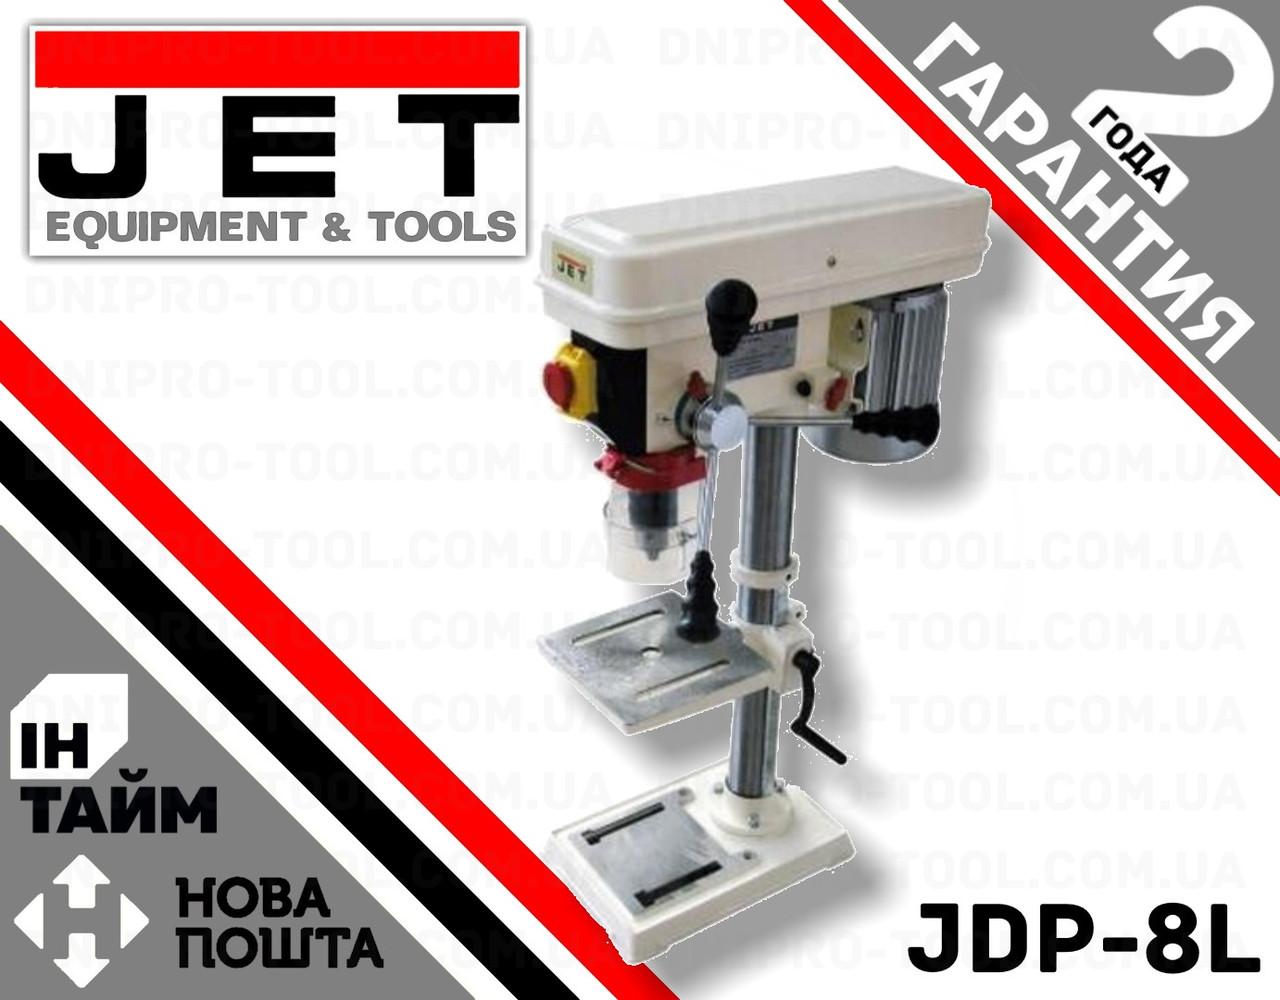 Сверлильный станок JET JDP-8L